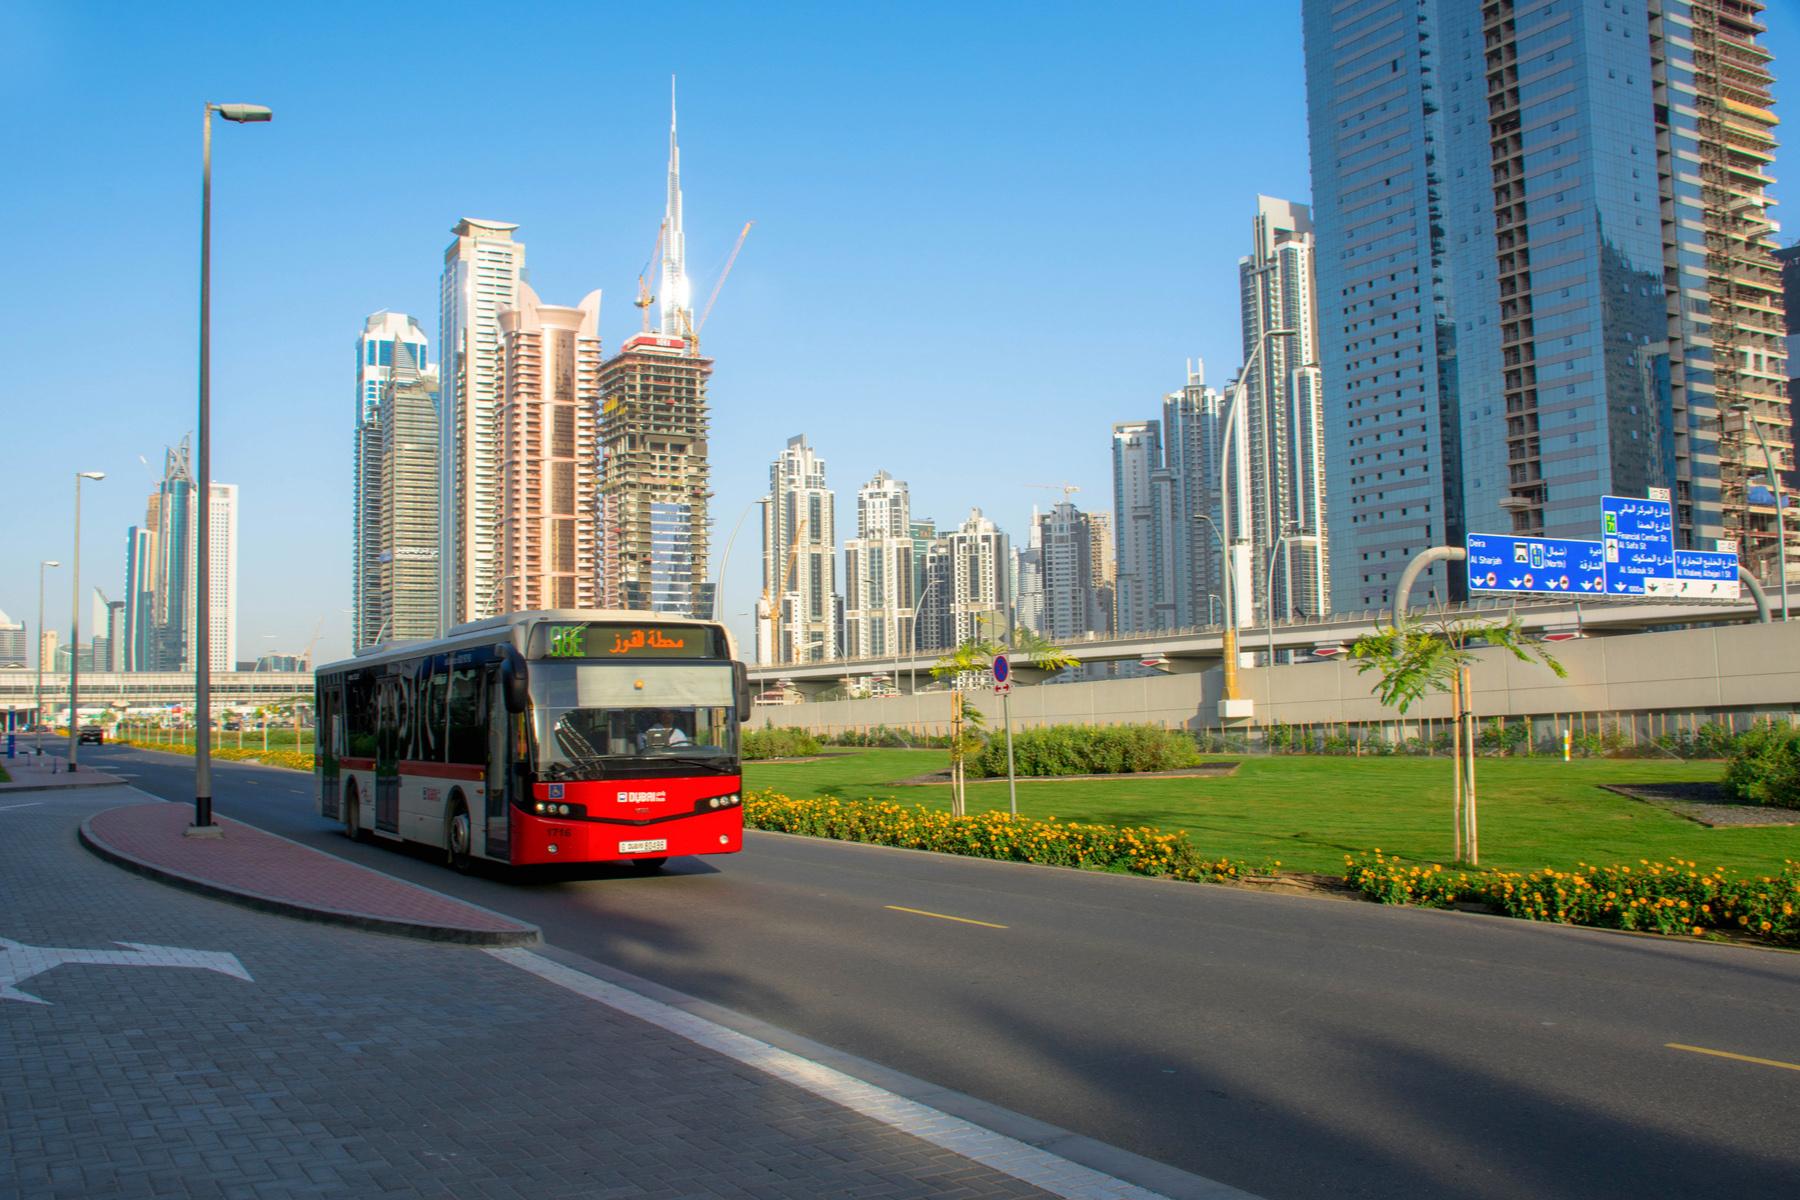 Public bus in the UAE